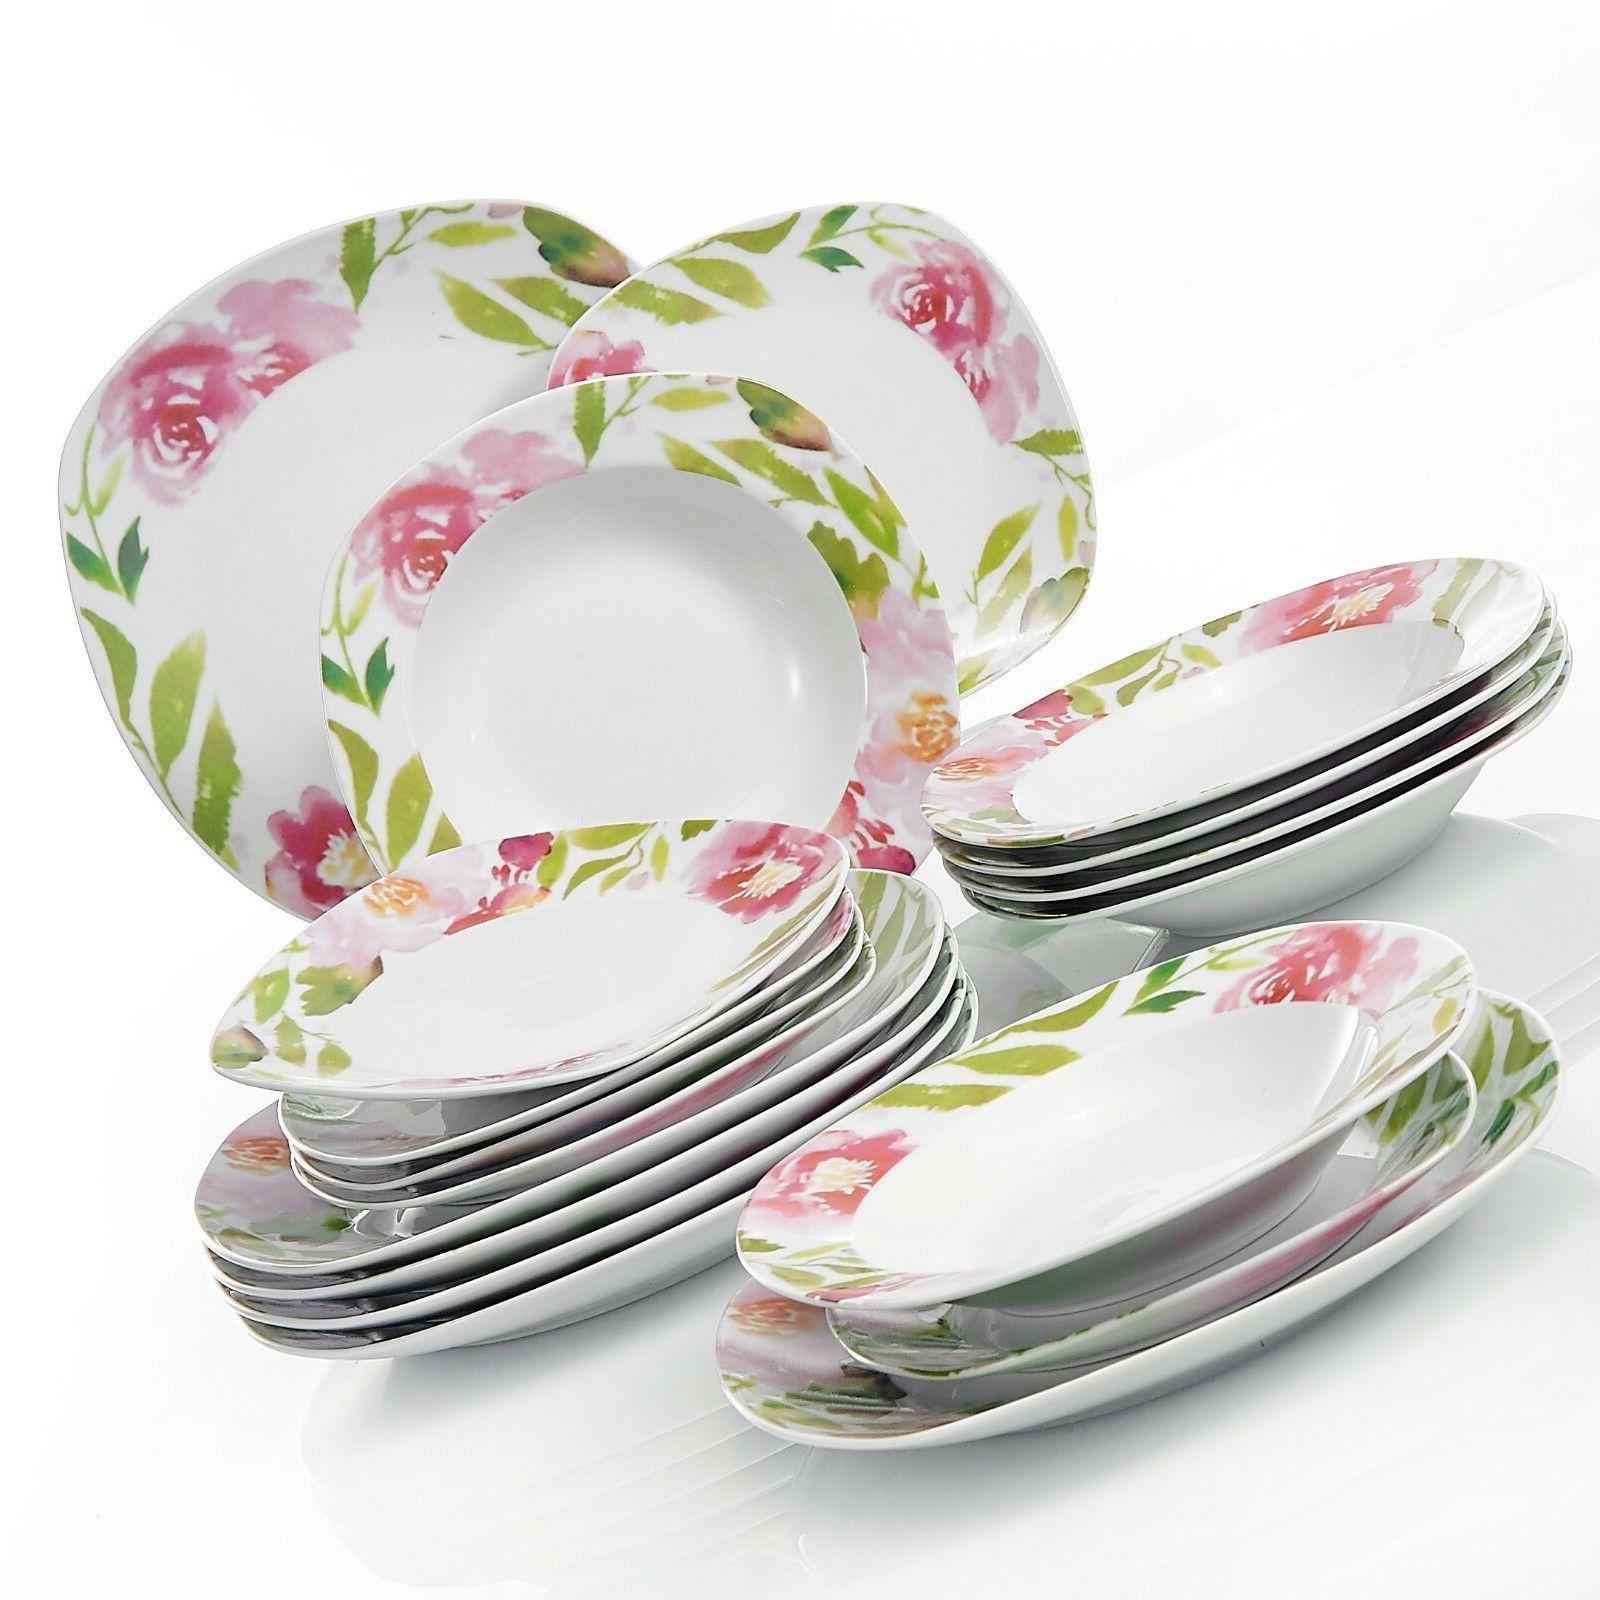 VEWEET Flower Patterns Tableware Set Kitchen